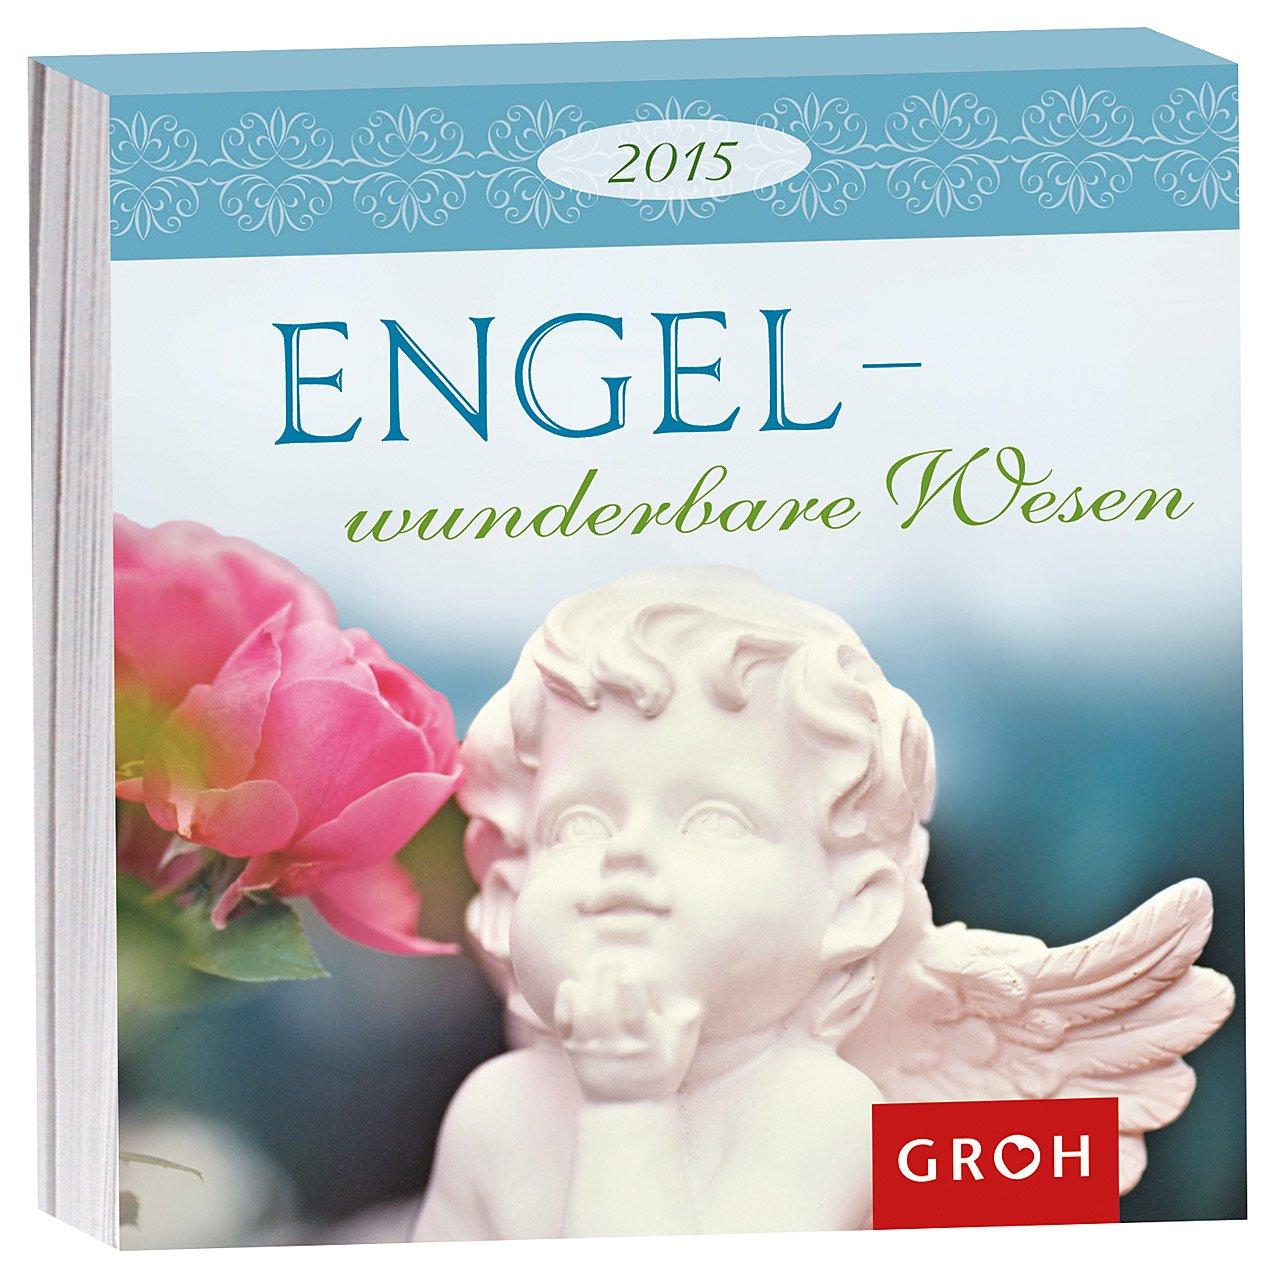 Engel - wunderbare Wesen 2015: Abreißkalender für 365 Tage, mit 53 Bildern